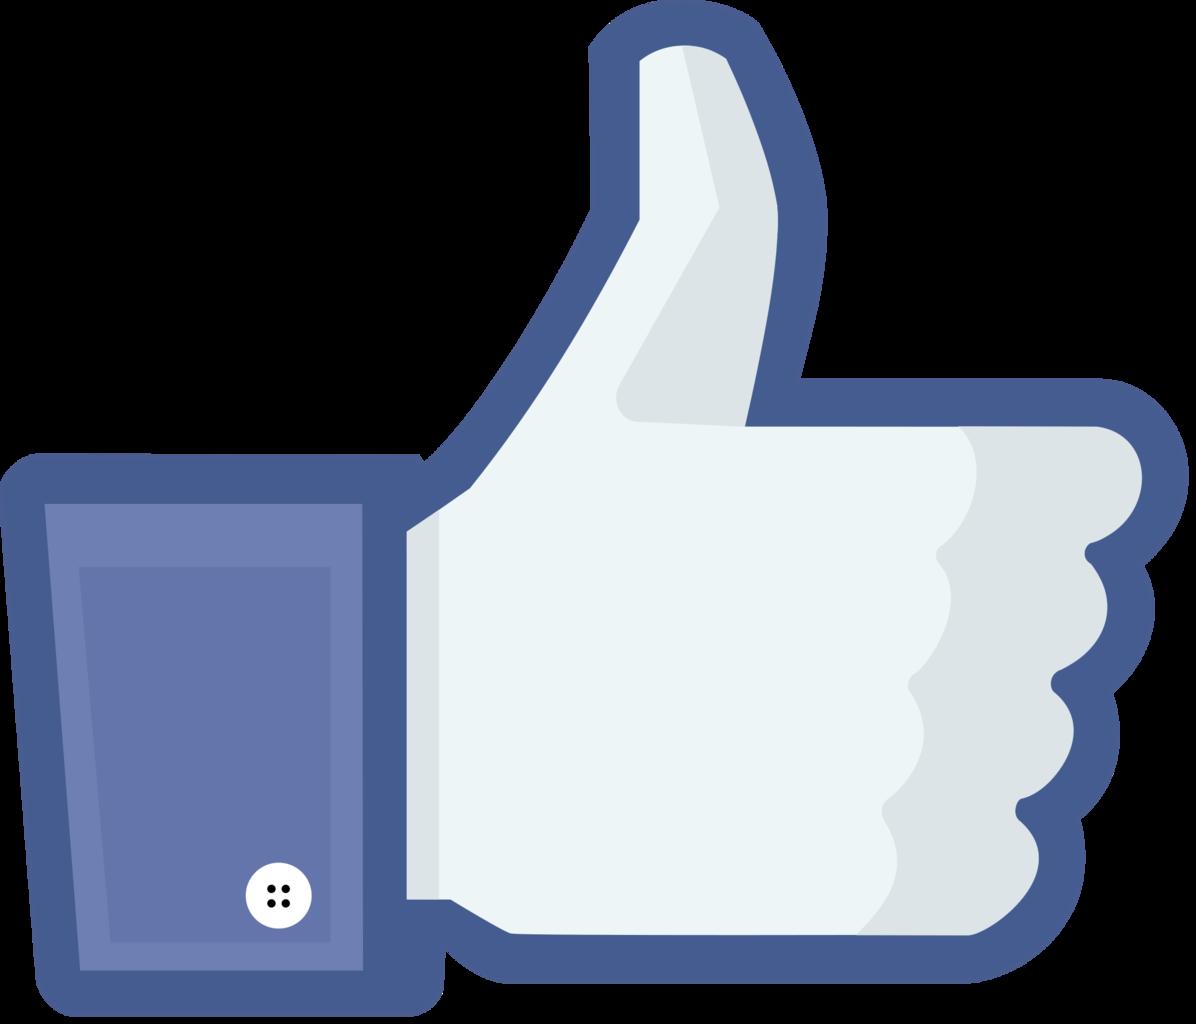 Facebook clipart emblem. Like us on png